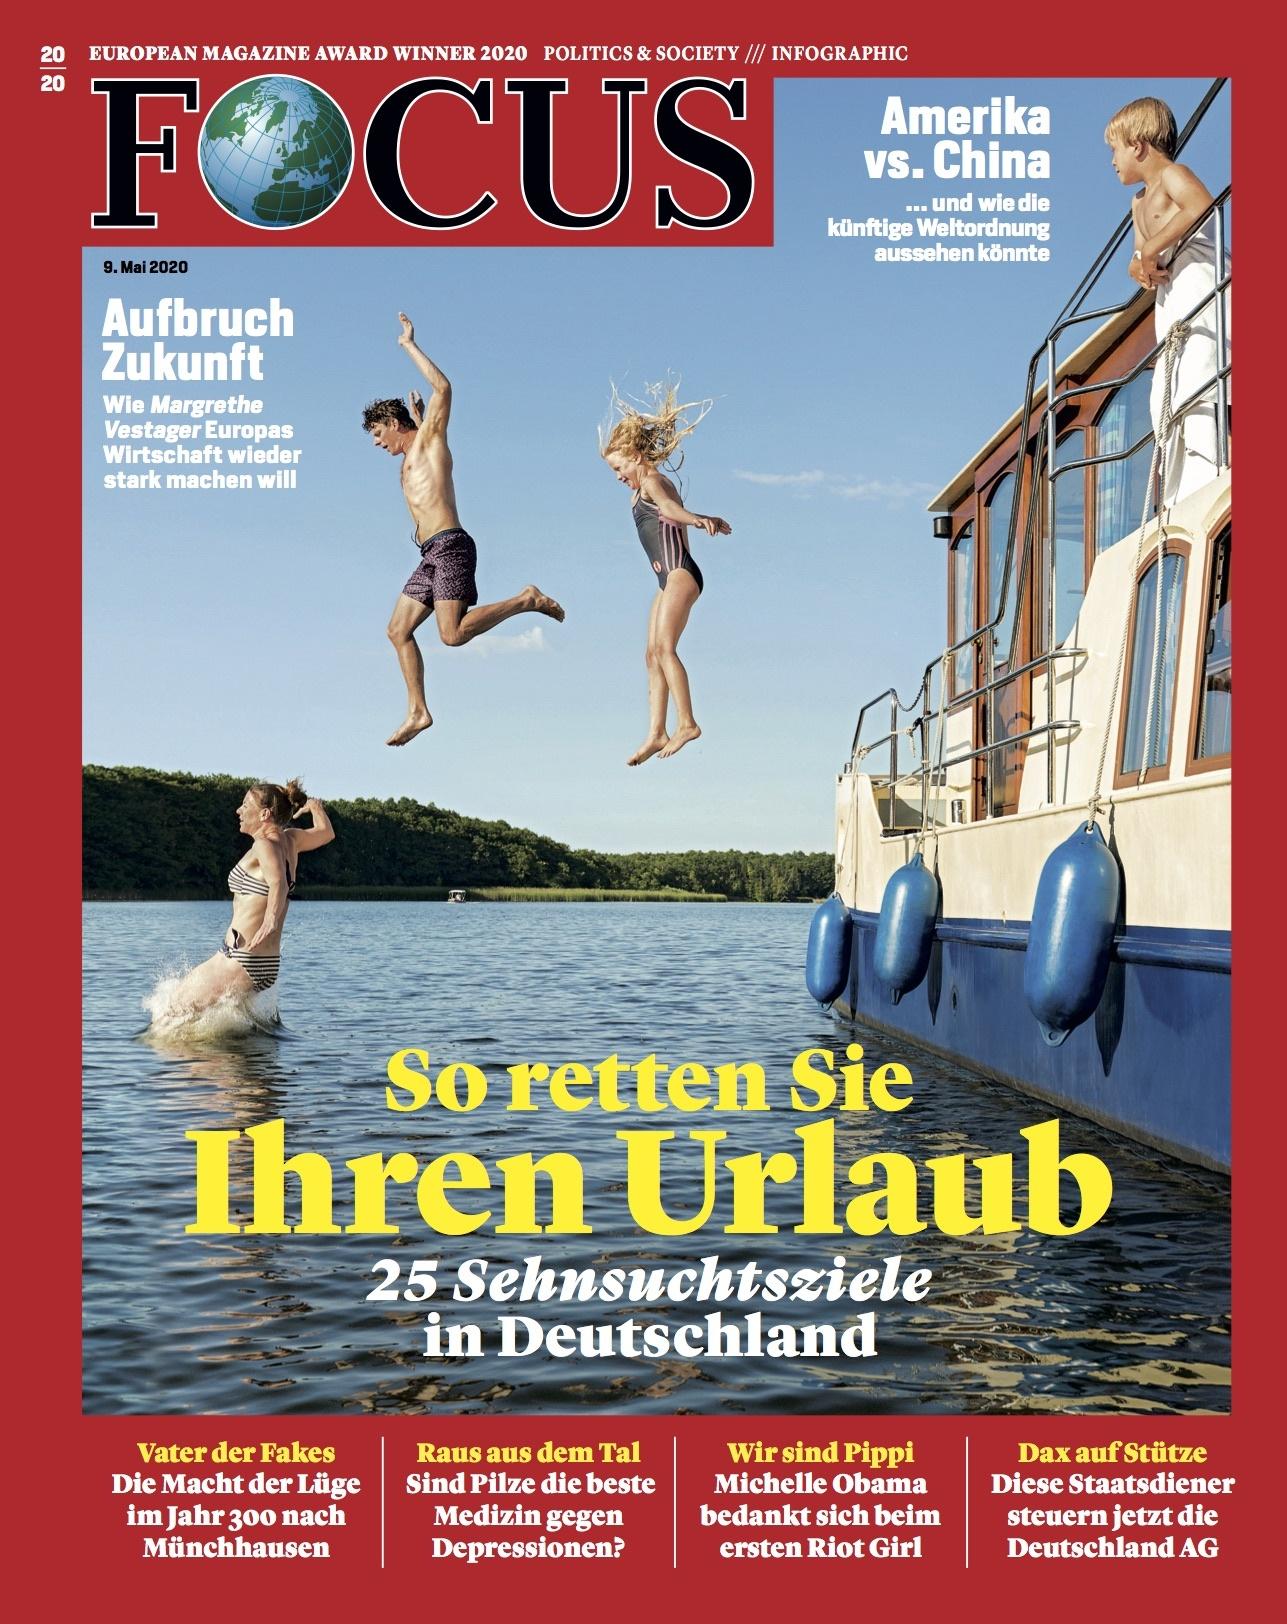 FOCUS Magazin FOCUS Magazin - So retten Sie Ihren Urlaub